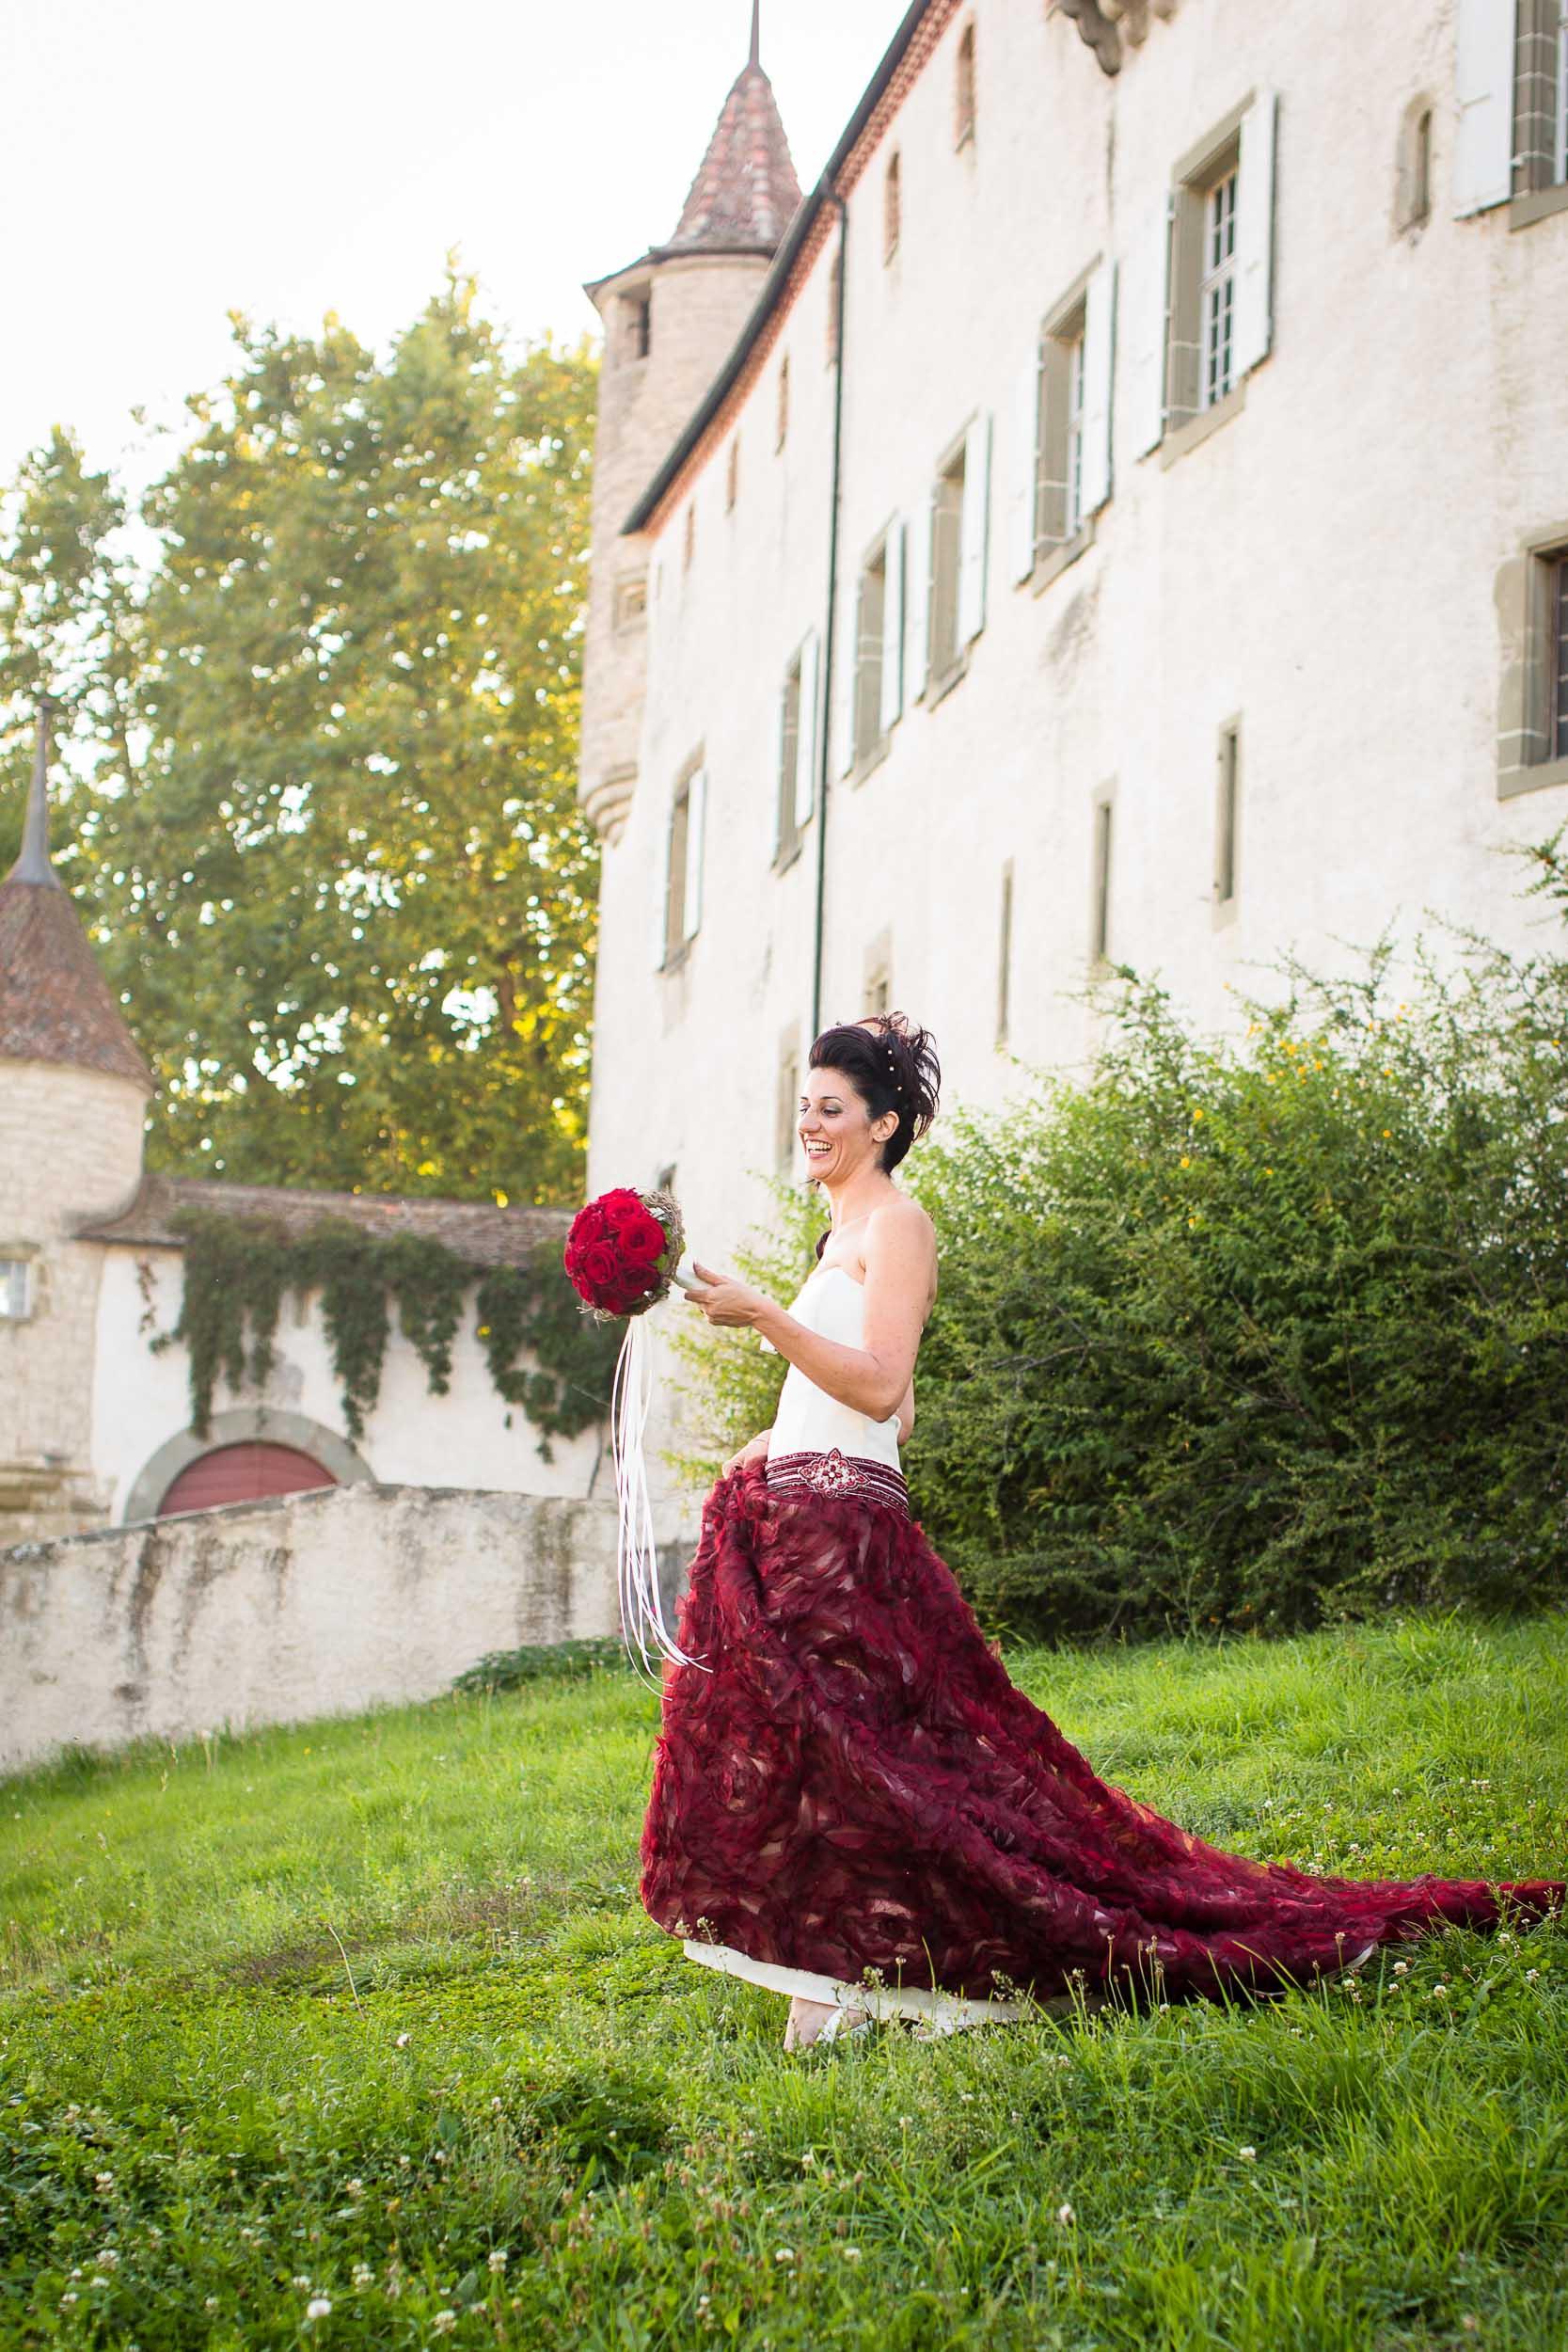 Château d'Oron castle wedding 09